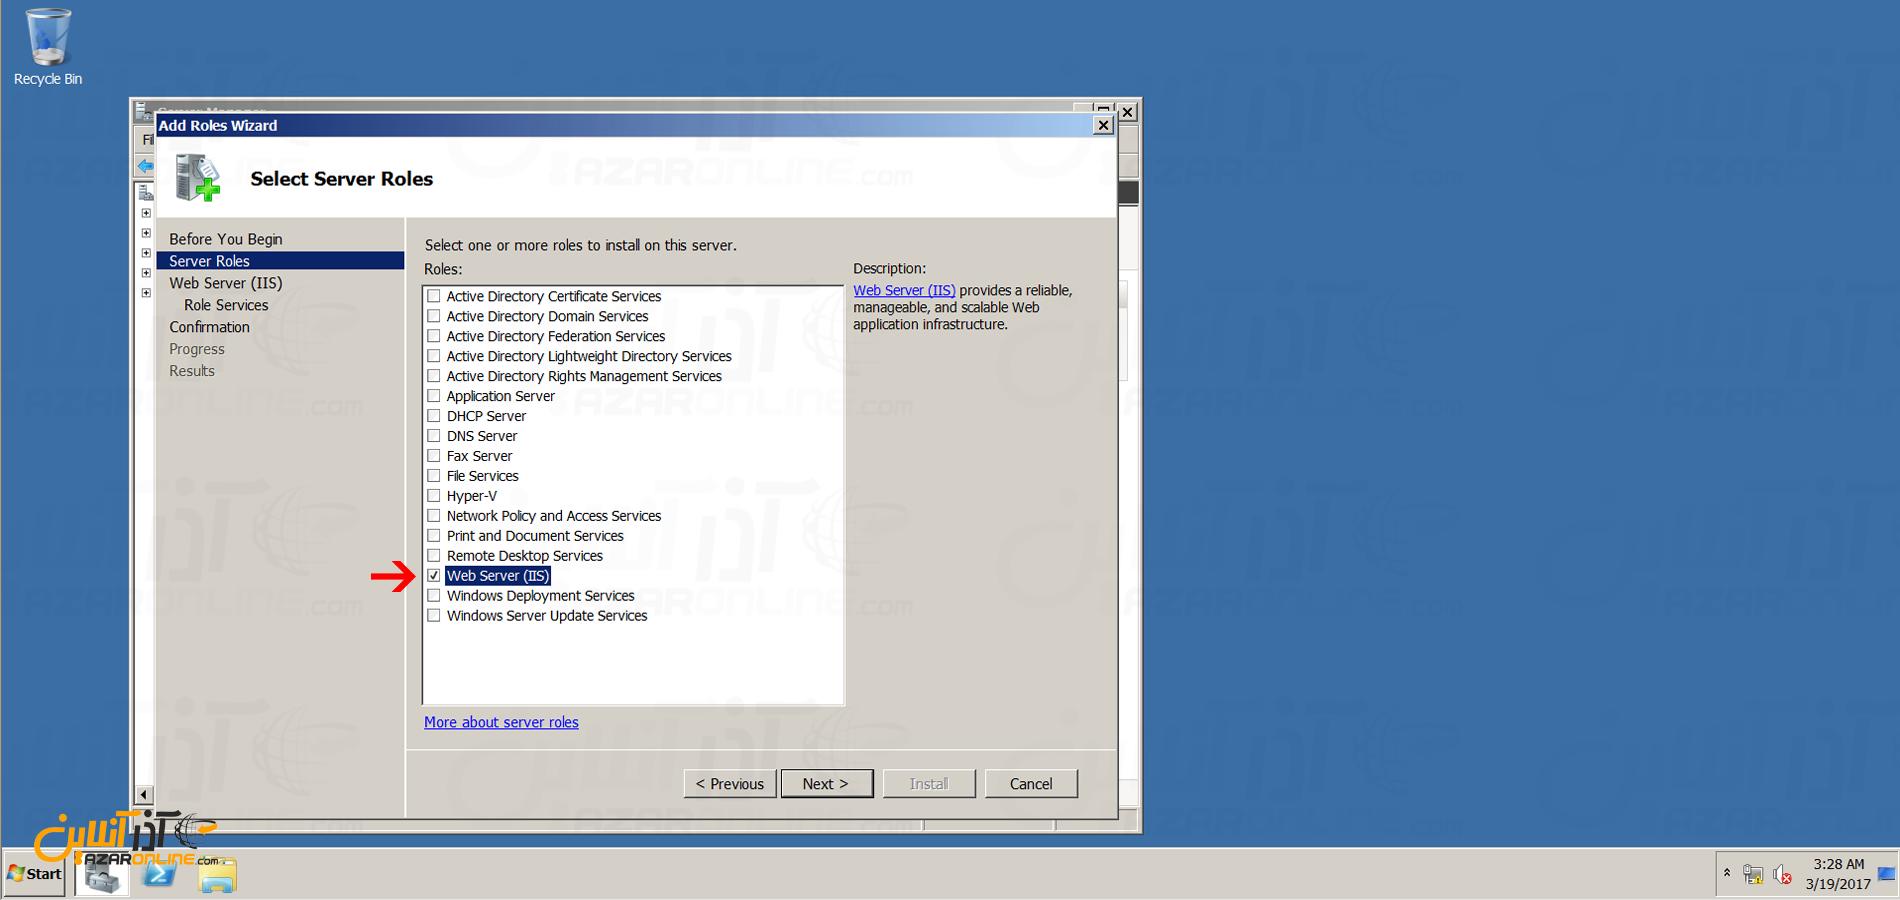 آموزش نصب iis در ویندوز 2008 - انتخاب رول وب سرور IIS